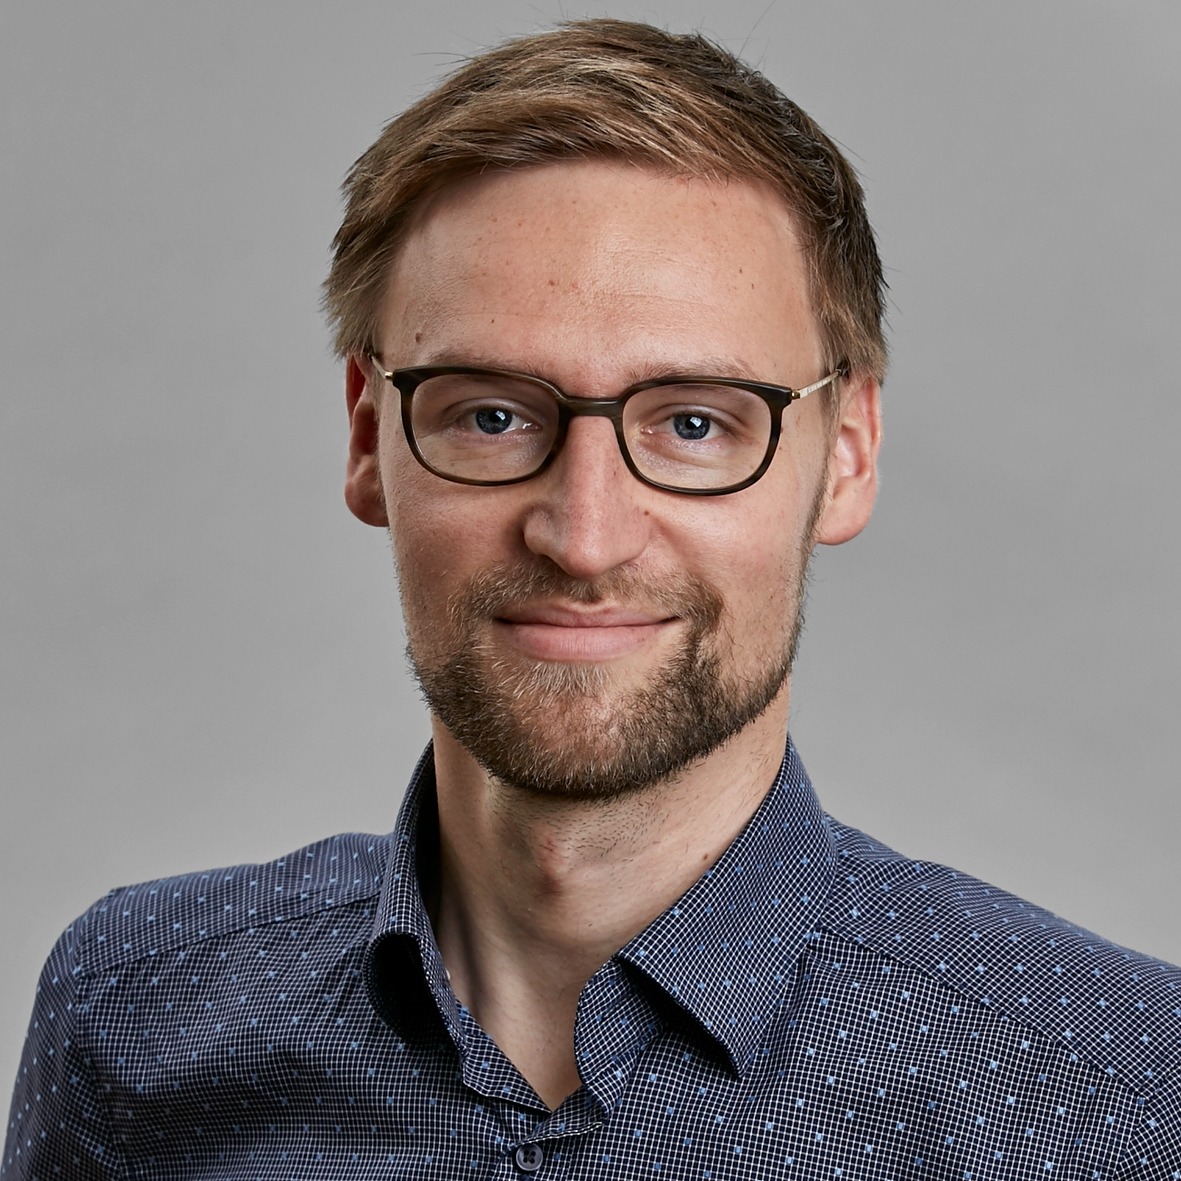 Harald Hantke